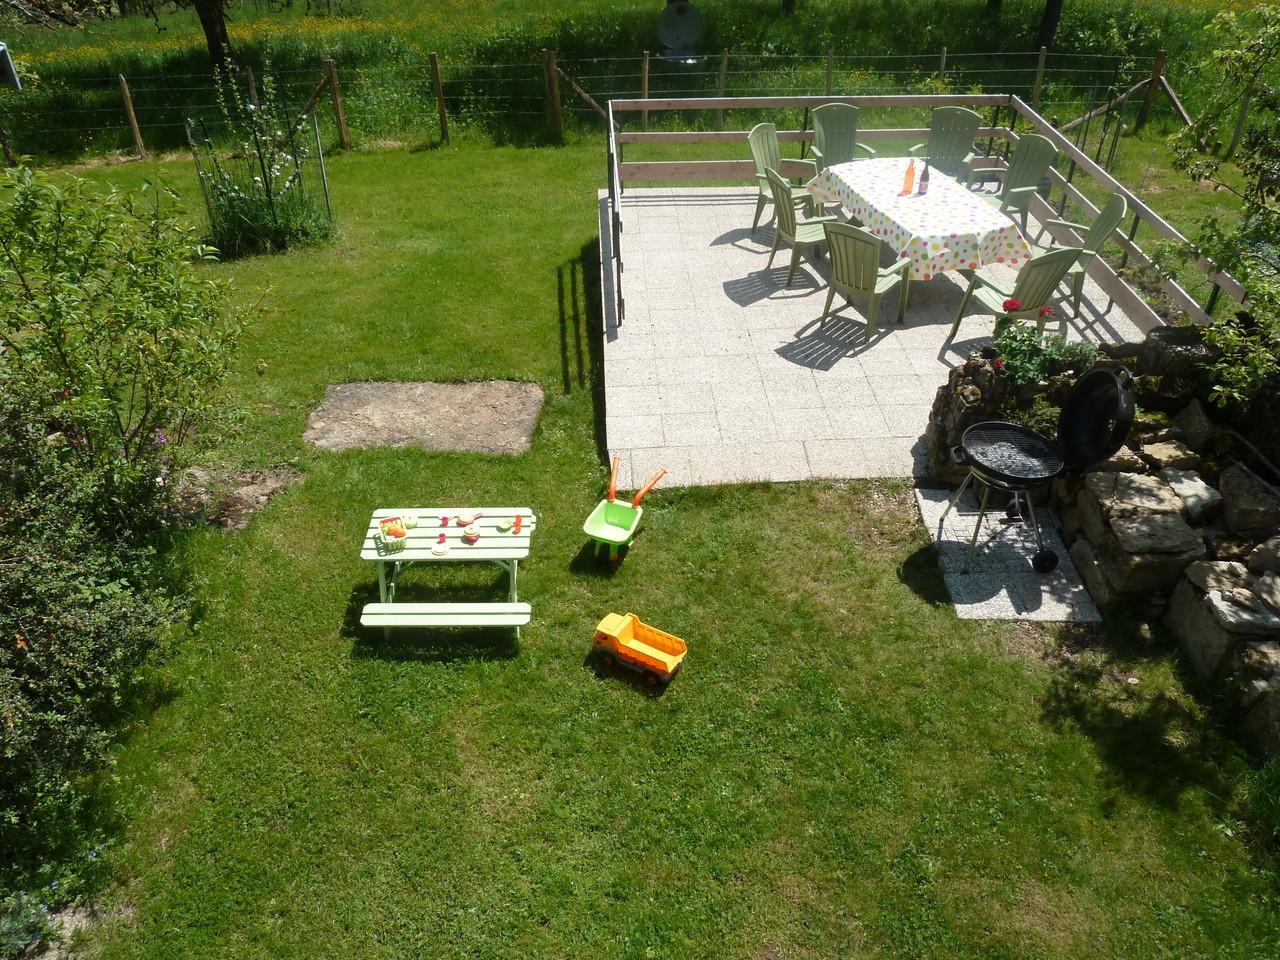 La terrasse et le barbecue